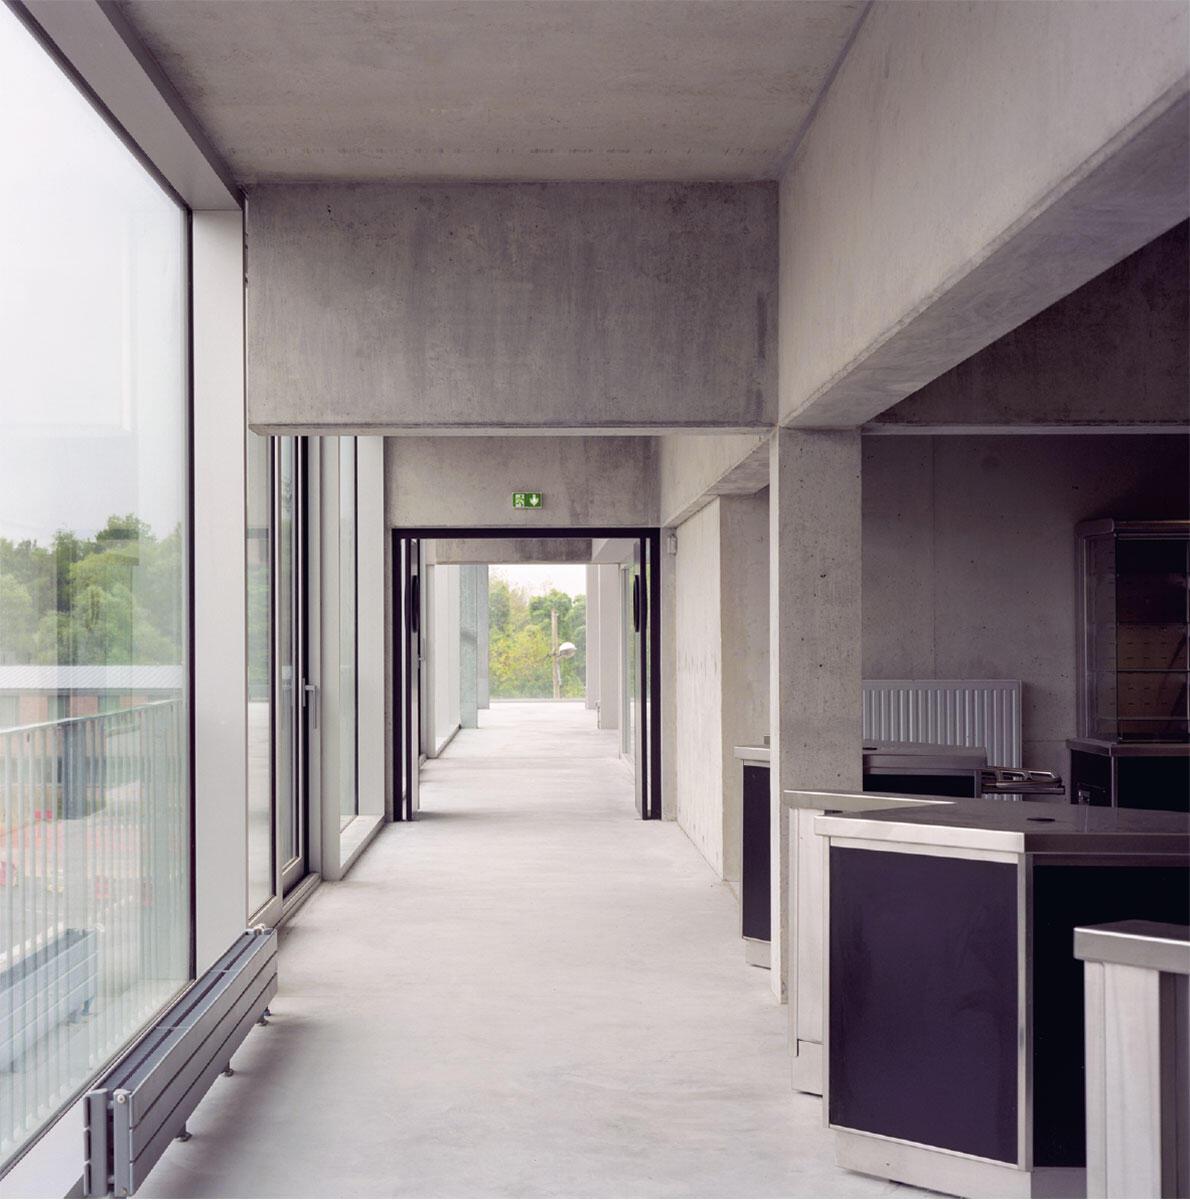 Massive Unterzüge strukturieren den Raum wie bei Enfiladen.  Bild: Maxime Delvaux